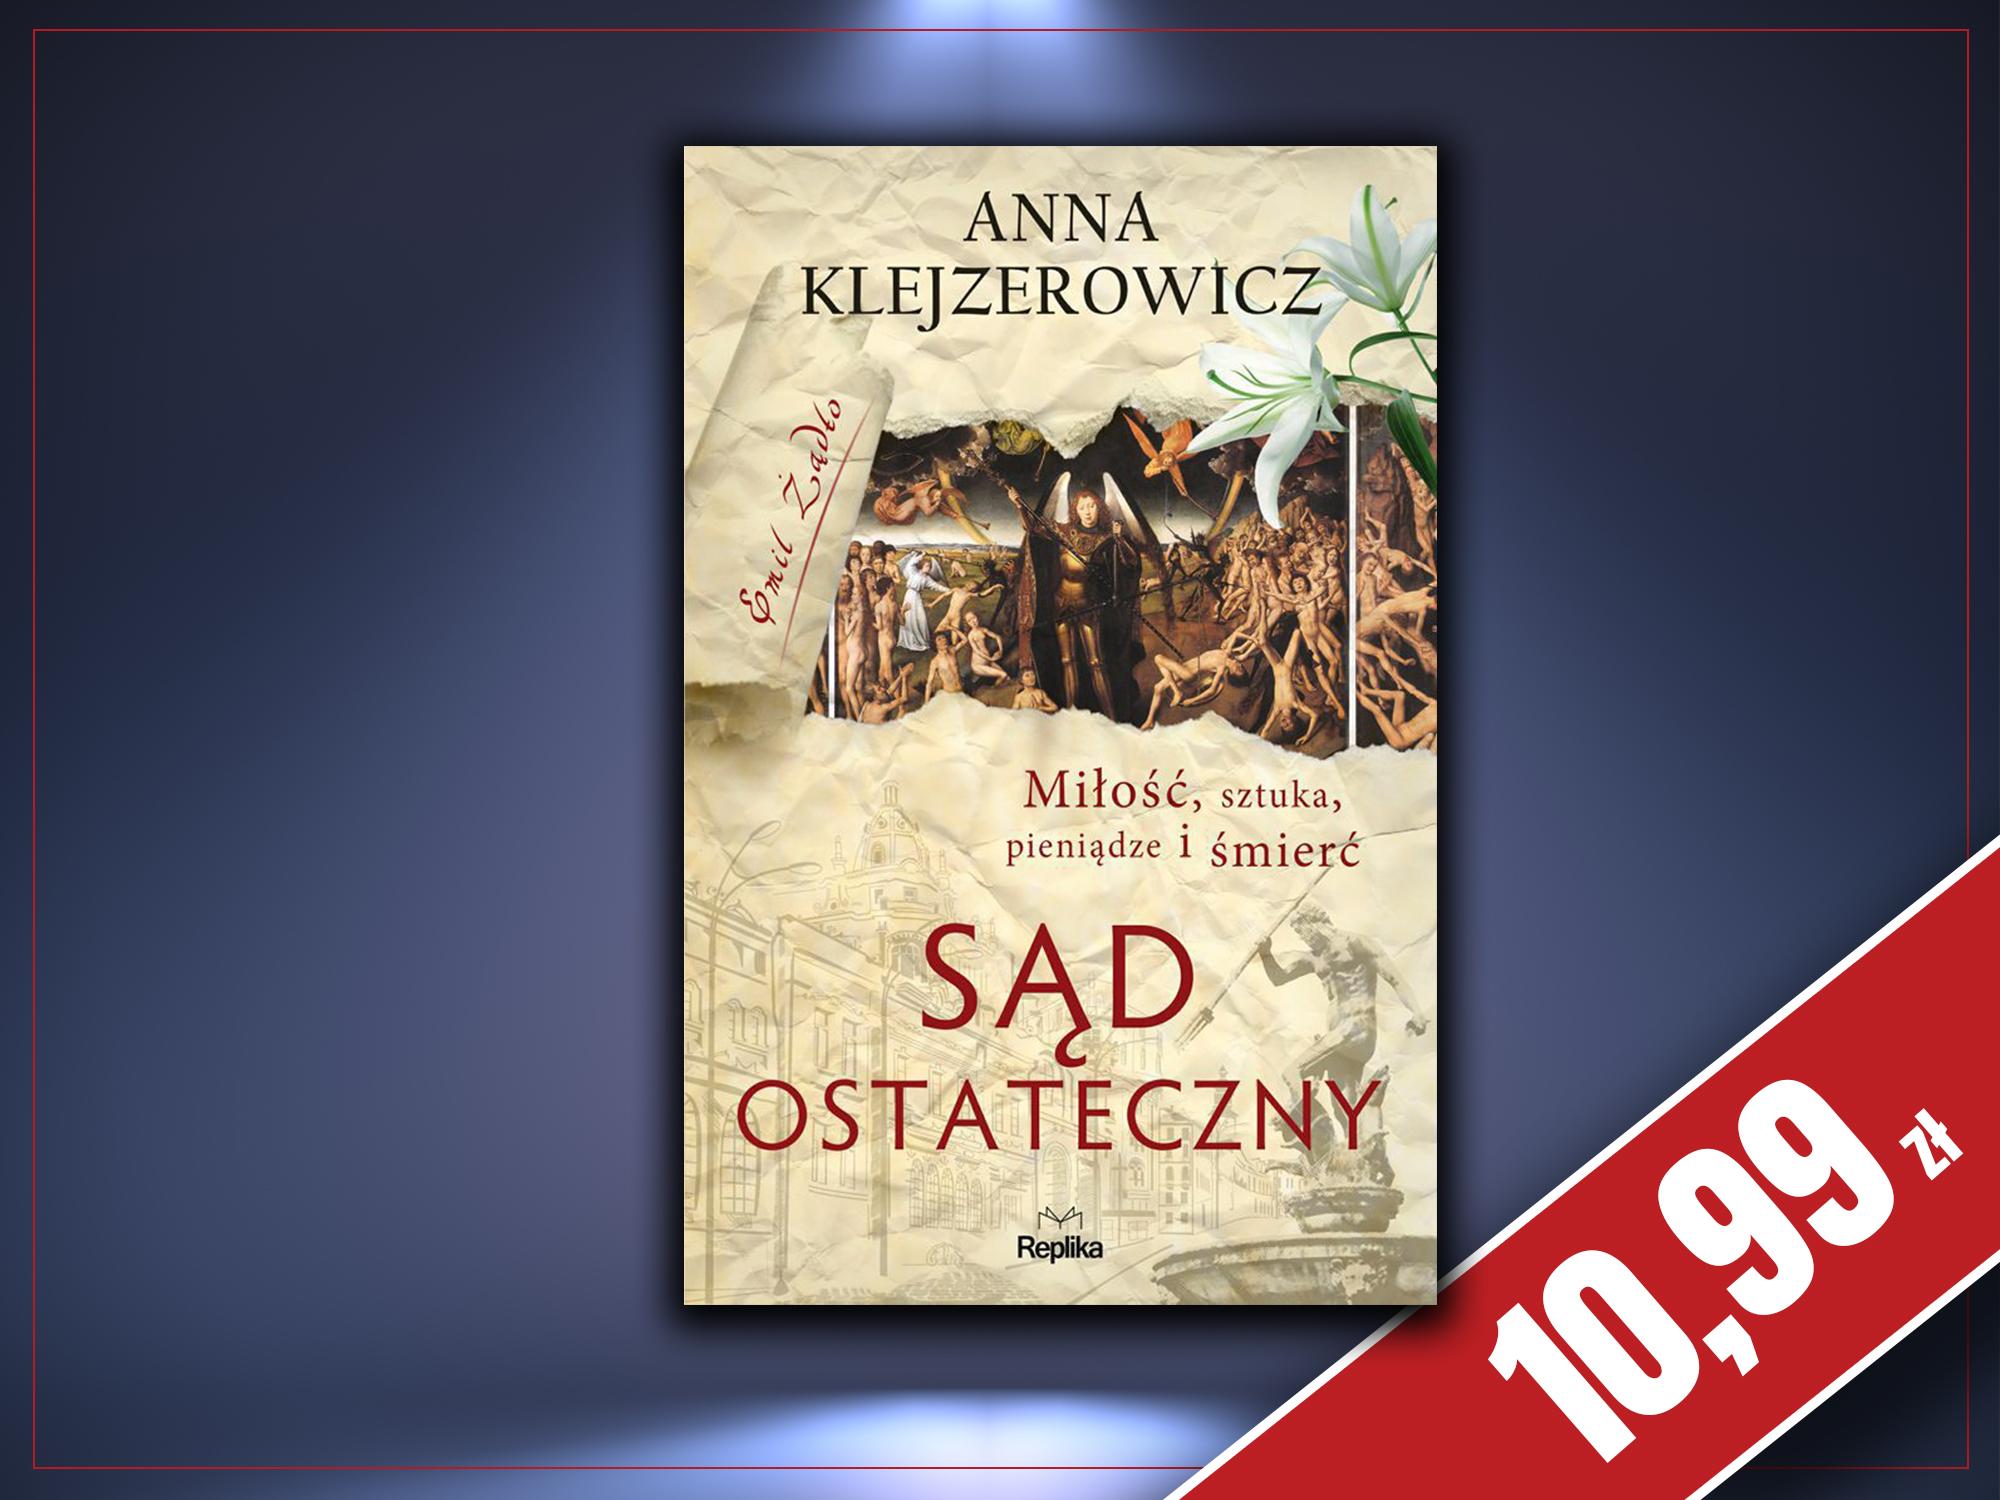 Sąd ostateczny, Anna Klejzerowicz